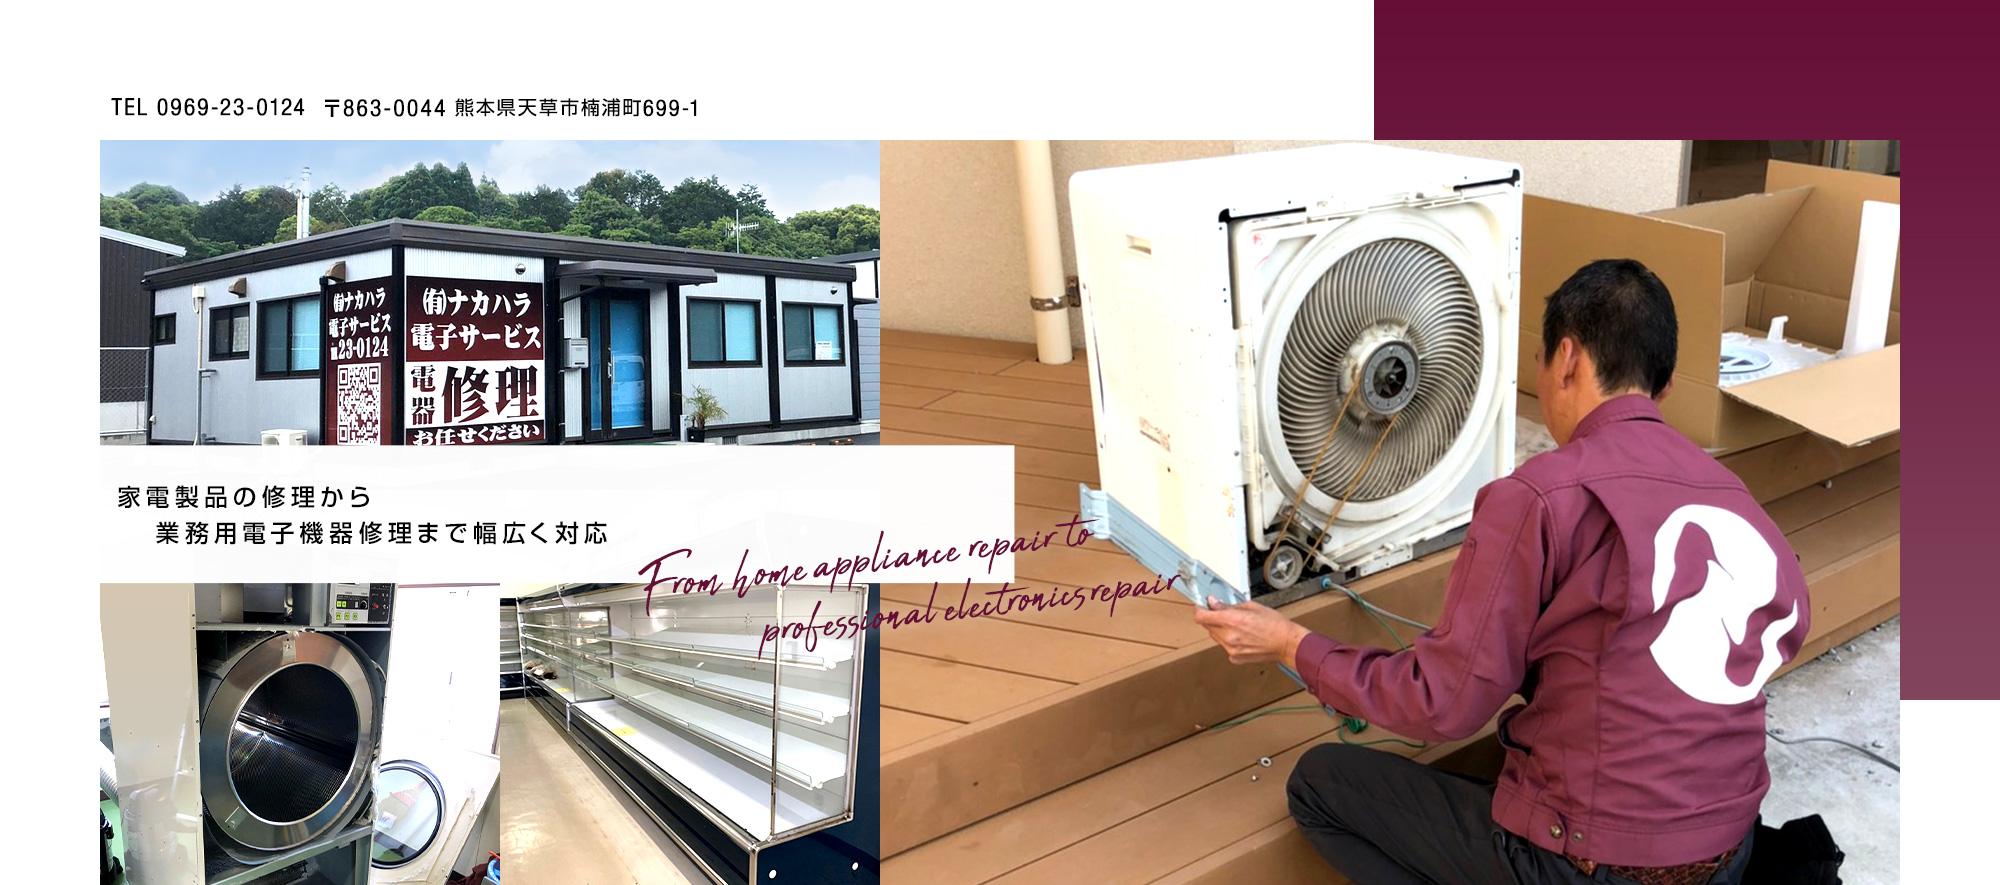 家電製品の修理から業務用電子機器修理まで幅広く対応